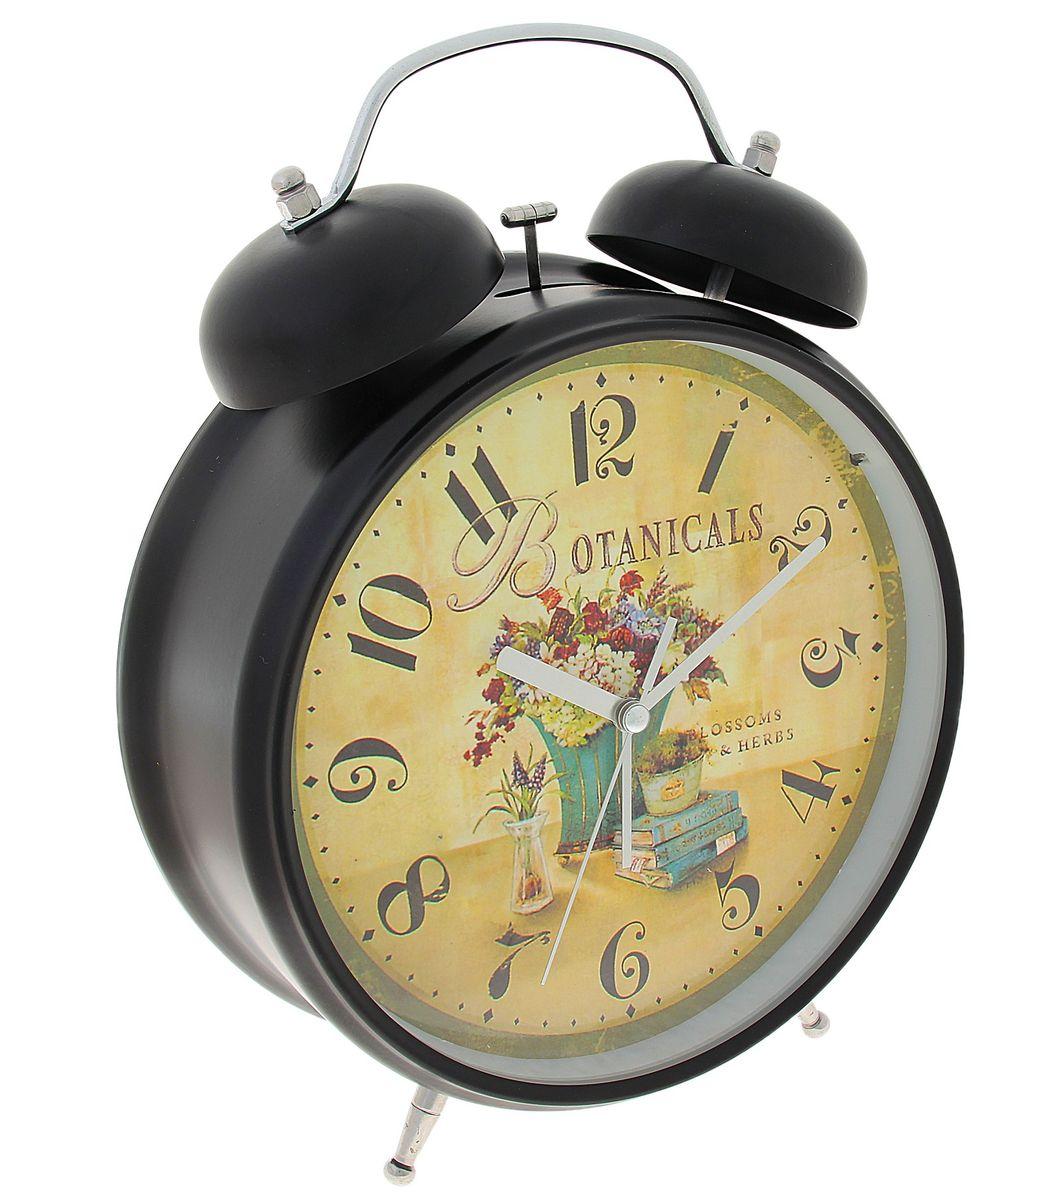 Часы-будильник Sima-land Botanicals, цвет: черный, бежевый, диаметр 20 смMRC 4119 P schwarzЧасы-будильник Sima-land Botanicals - это невероятных размеров устройство, созданное специально для тех, кто с трудом просыпается по утрам!Изделие обладает оригинальным интересным дизайном. Такой будильник станет изюминкой вашего интерьера.Будильник работает от 3 батареек типа АА 1,5 В (в комплект не входят). На задней панели будильника расположены переключатель включения/выключения механизма, два поворотных рычага для настройки текущего времени и установки будильника, а также кнопка для включения подсветки циферблата.Диаметр циферблата: 20 см.